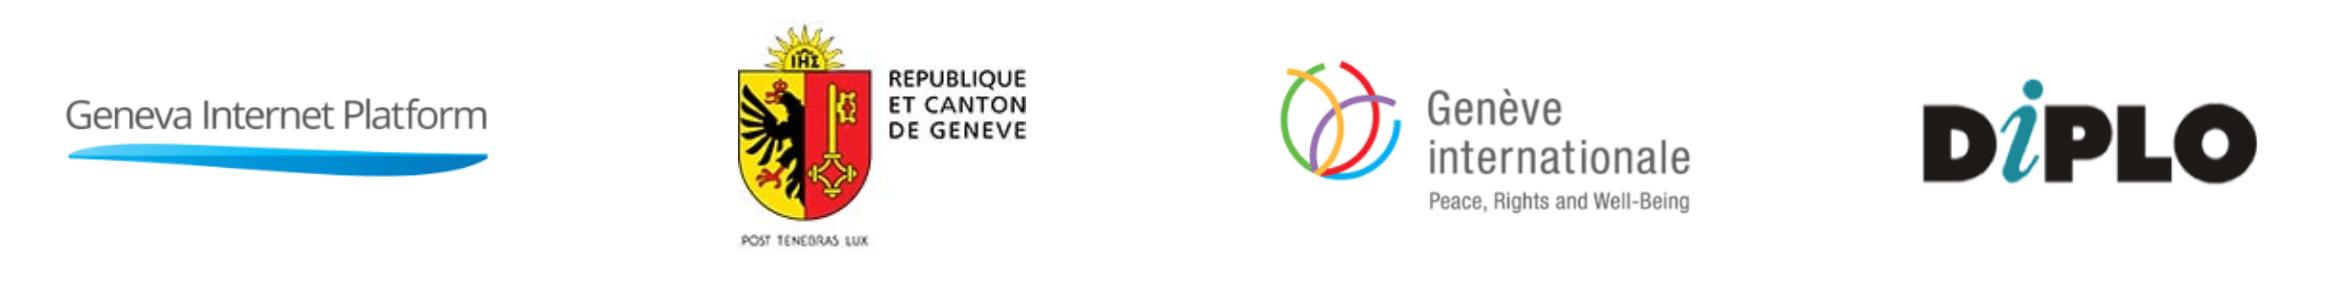 GE-logos-2